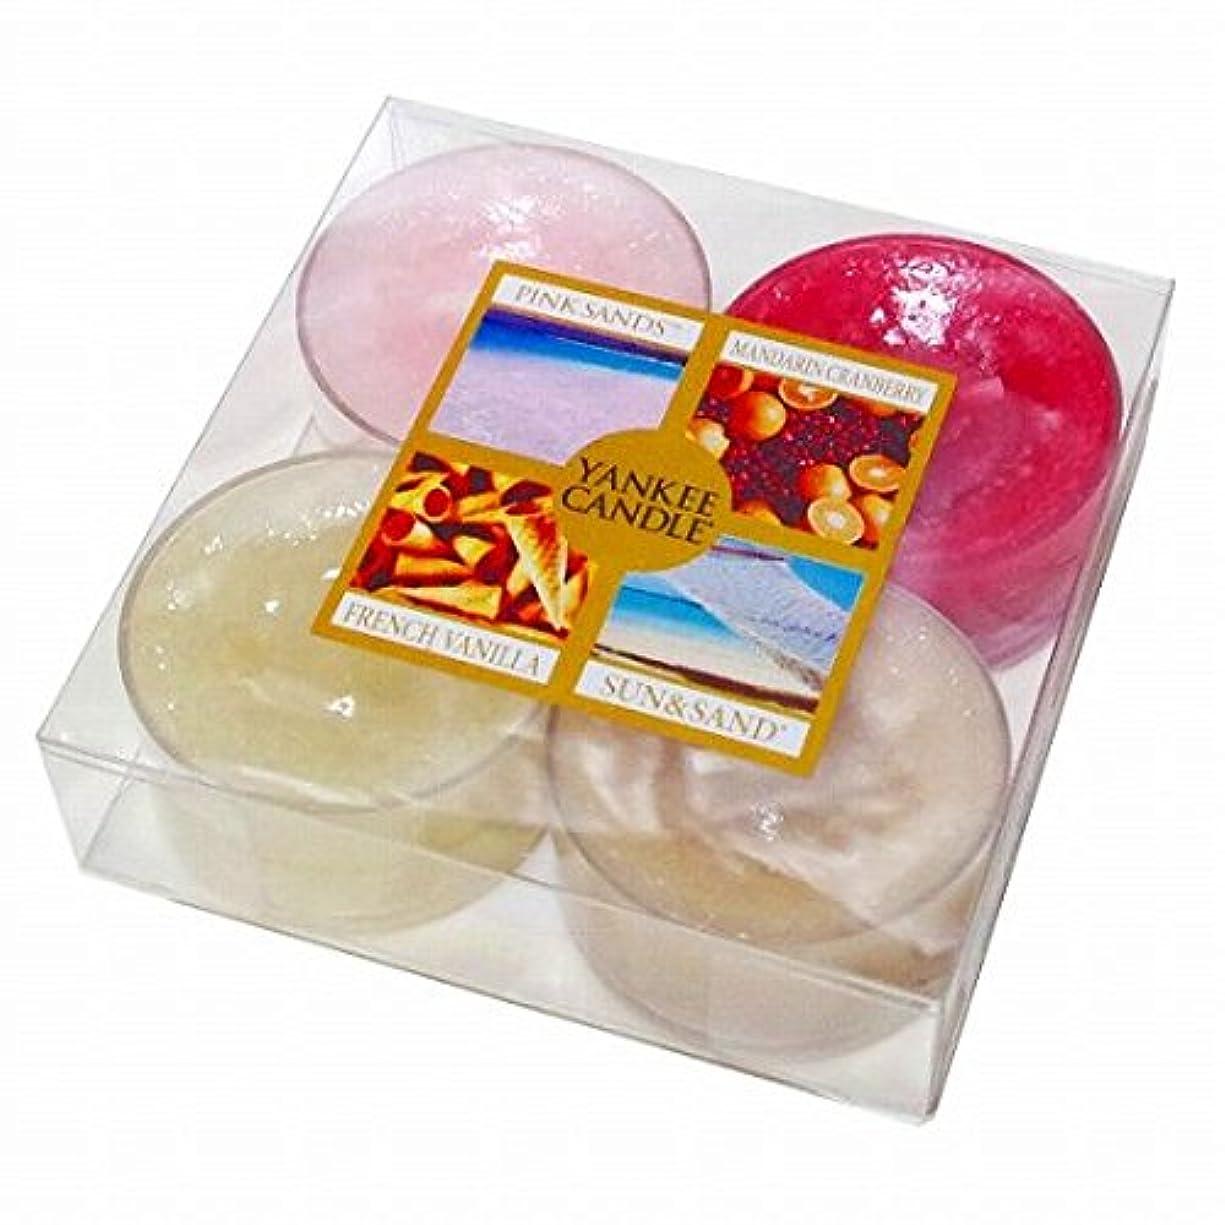 野生変換顧問カメヤマキャンドル(kameyama candle) YANKEE CANDLE クリアカップティーライト4個入り アソート 「 スイート 」